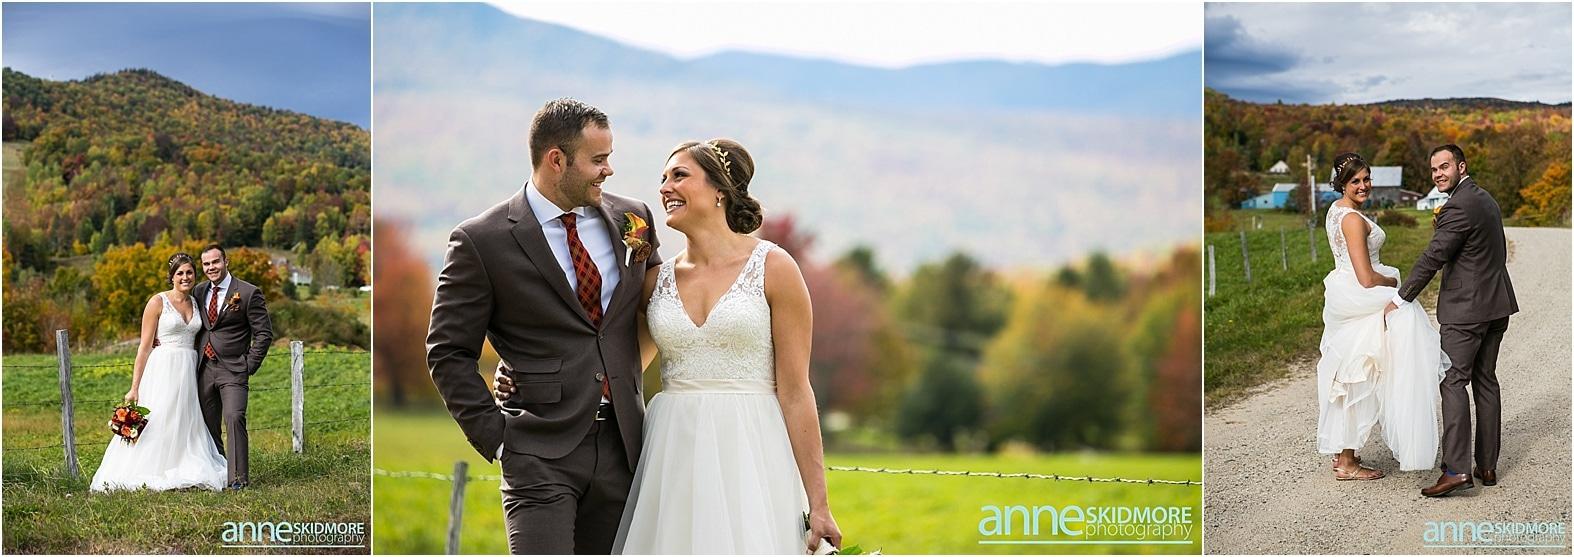 Whitneys_Inn_Weddings_019